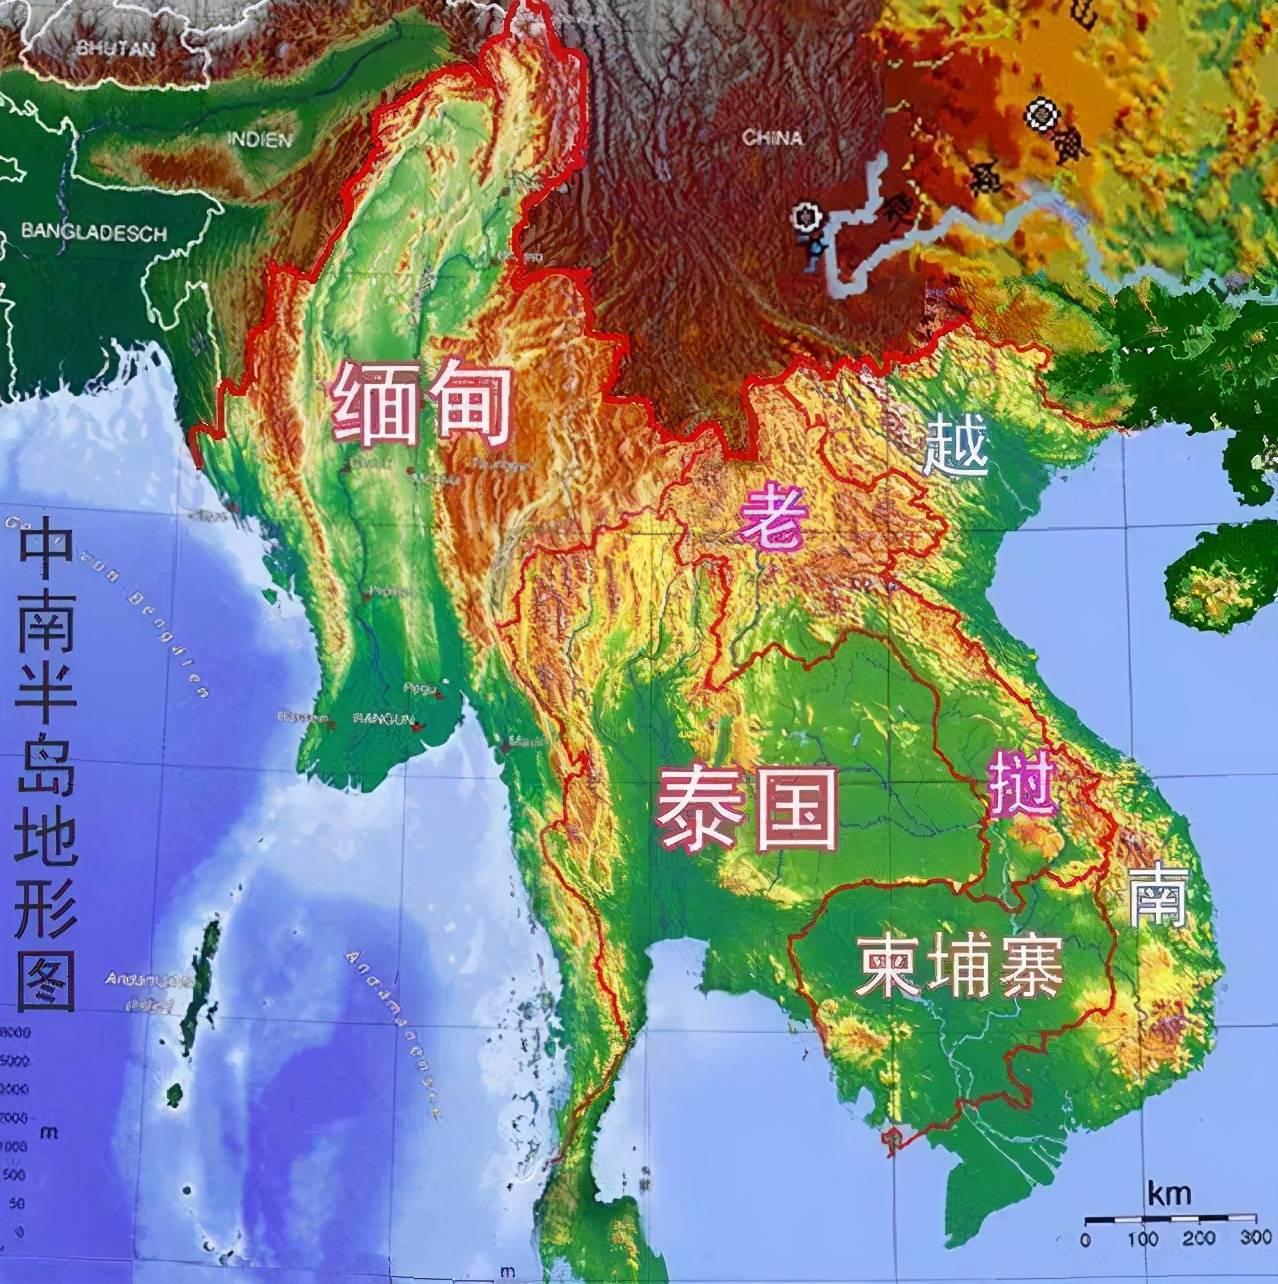 柬埔寨面积和人口_柬埔寨和孟加拉面积相当,为何仅有1500万人口 真相也许是信